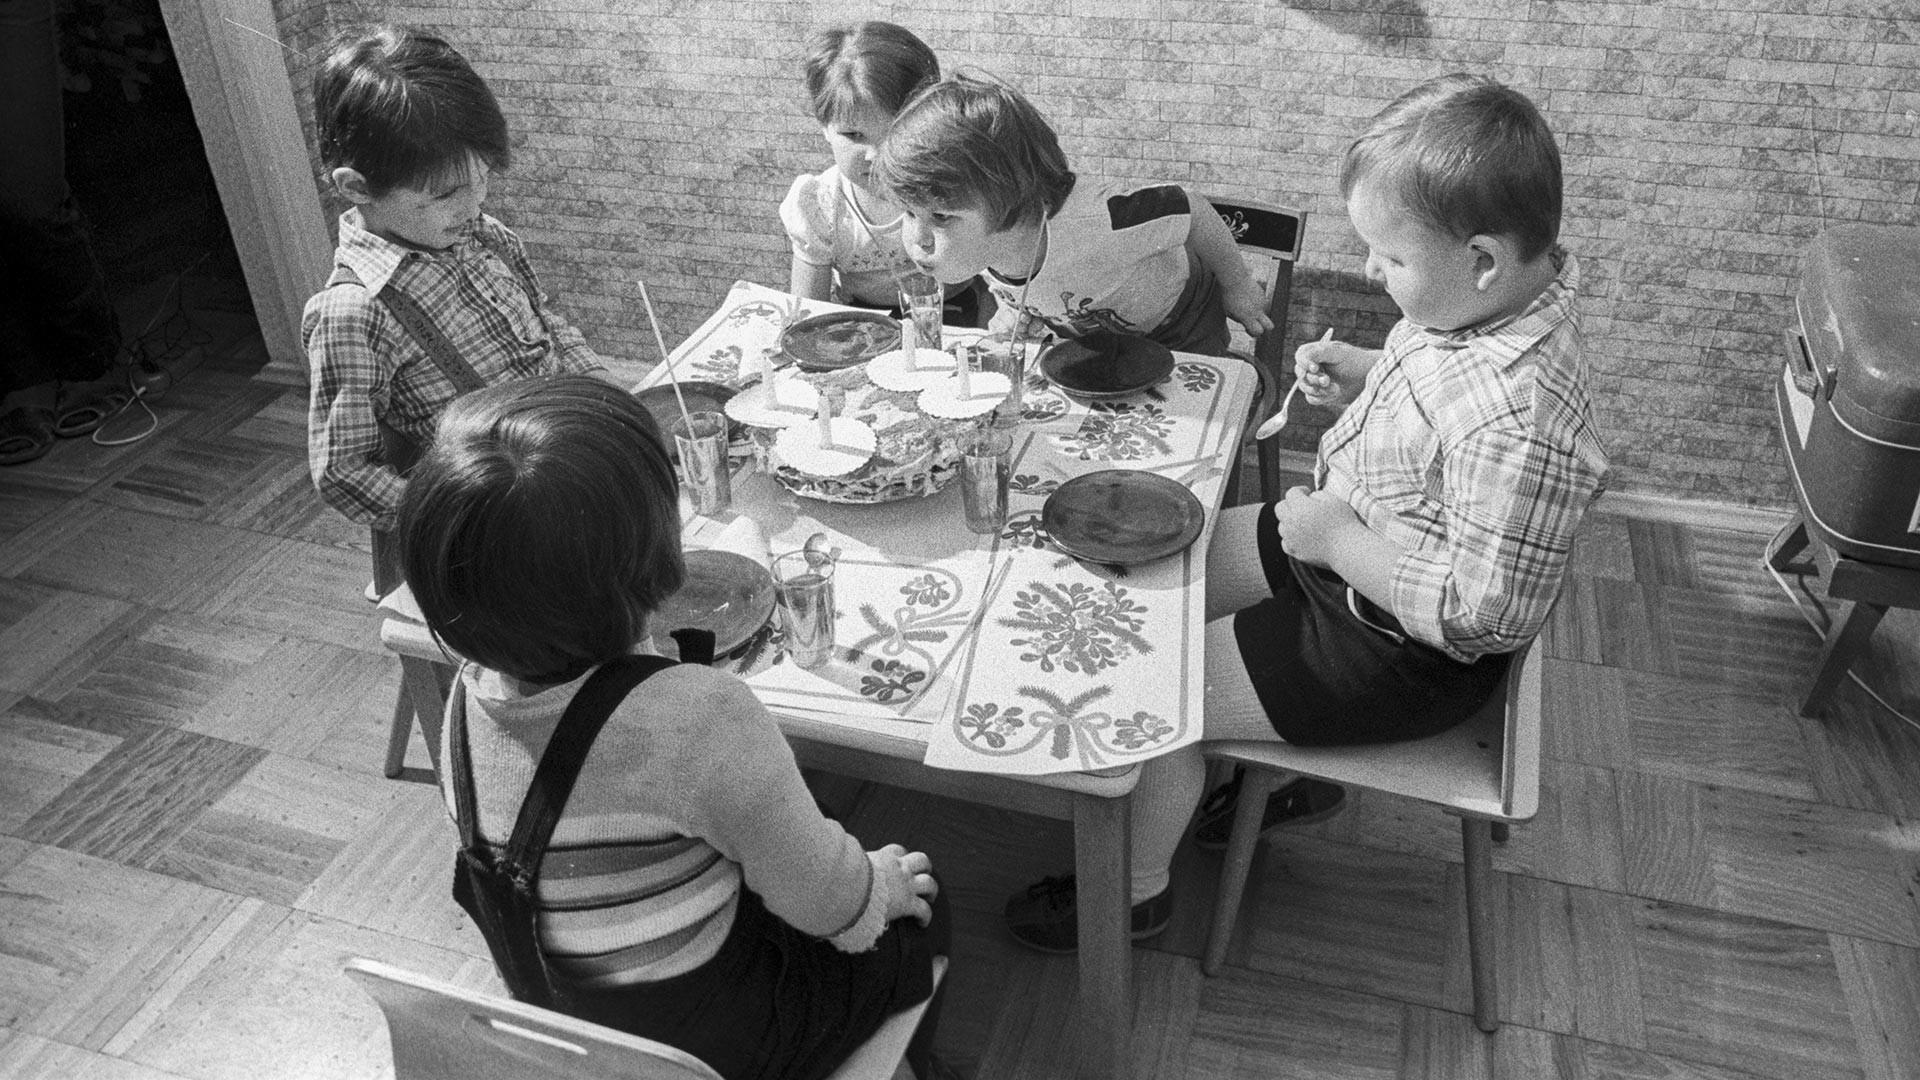 Овако је изгледала типична рођенданска прослава у СССР-у.